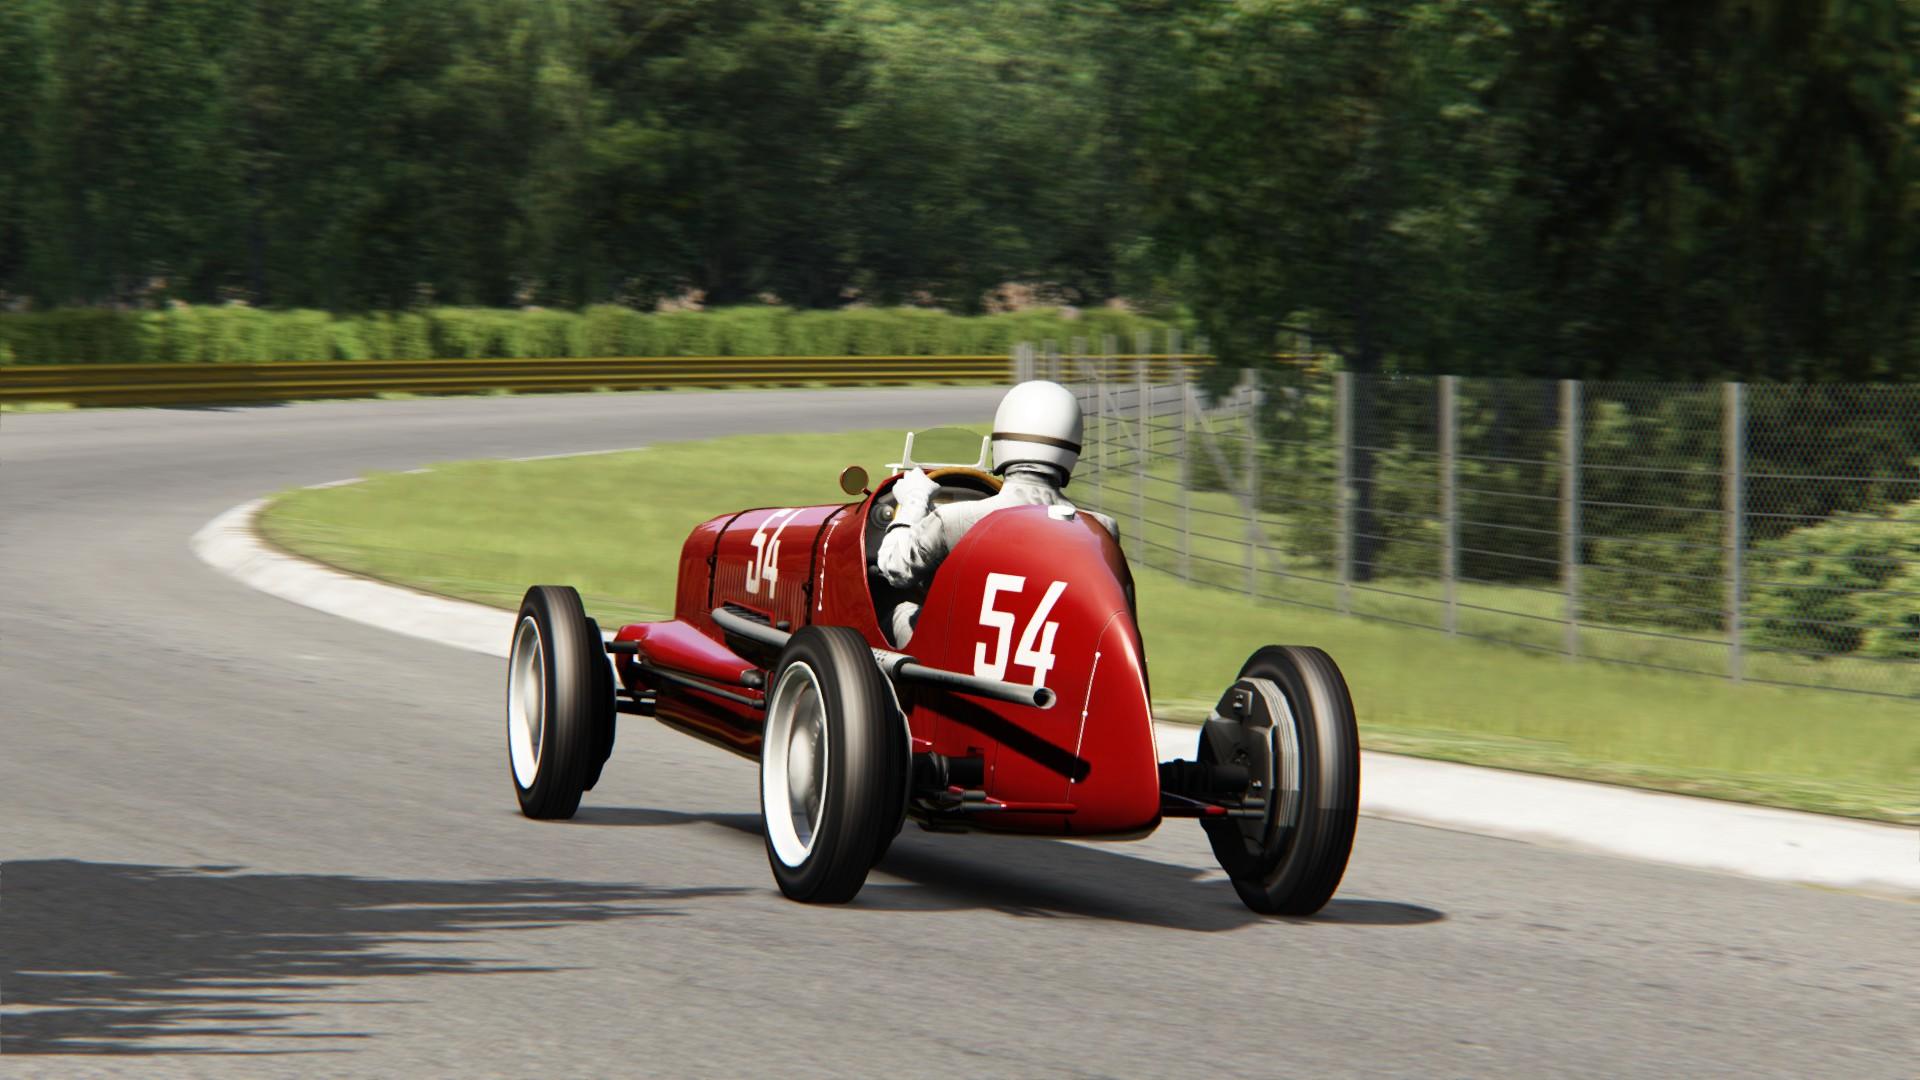 Assetto Corsa GrandPrix 1937 mod